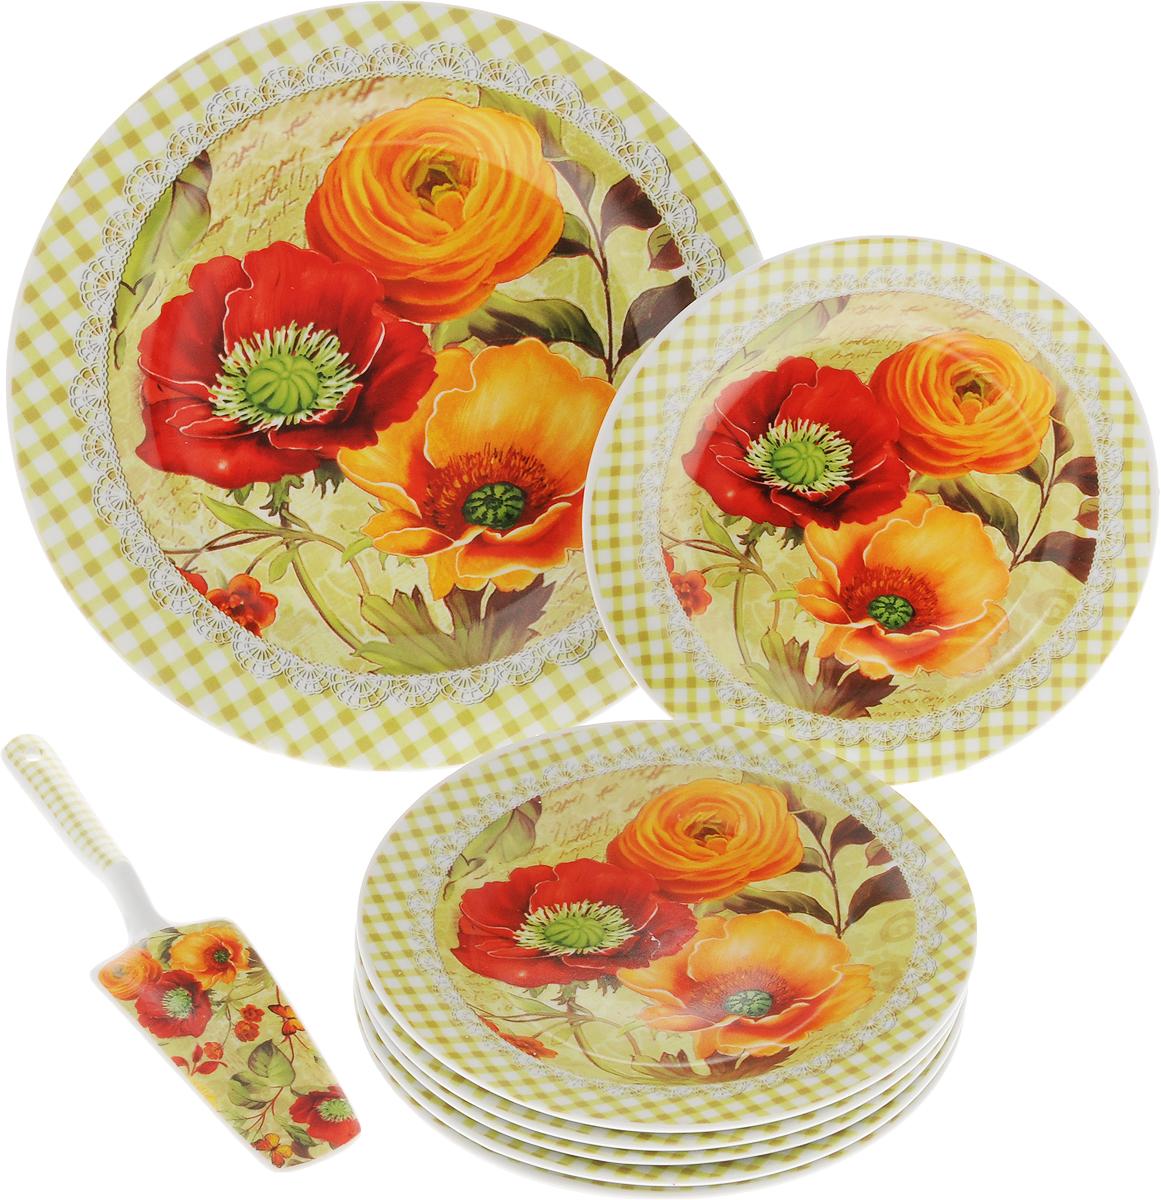 Набор для торта Bella, 8 предметов. DL-S8CB-179115510Набор для торта Bella состоит из 7 тарелок и лопатки. Изделия выполнены из высококачественного фарфора и оформлены ярким рисунком. Набор идеален для подачи тортов, пирогов и другой выпечки.Яркий дизайн сделает набор изысканным украшением праздничного стола.Диаметр меленьких тарелок: 19,3 см.Диаметр большой тарелки: 26,5 см.Размеры лопатки: 23 х 5,3 х 2 см.